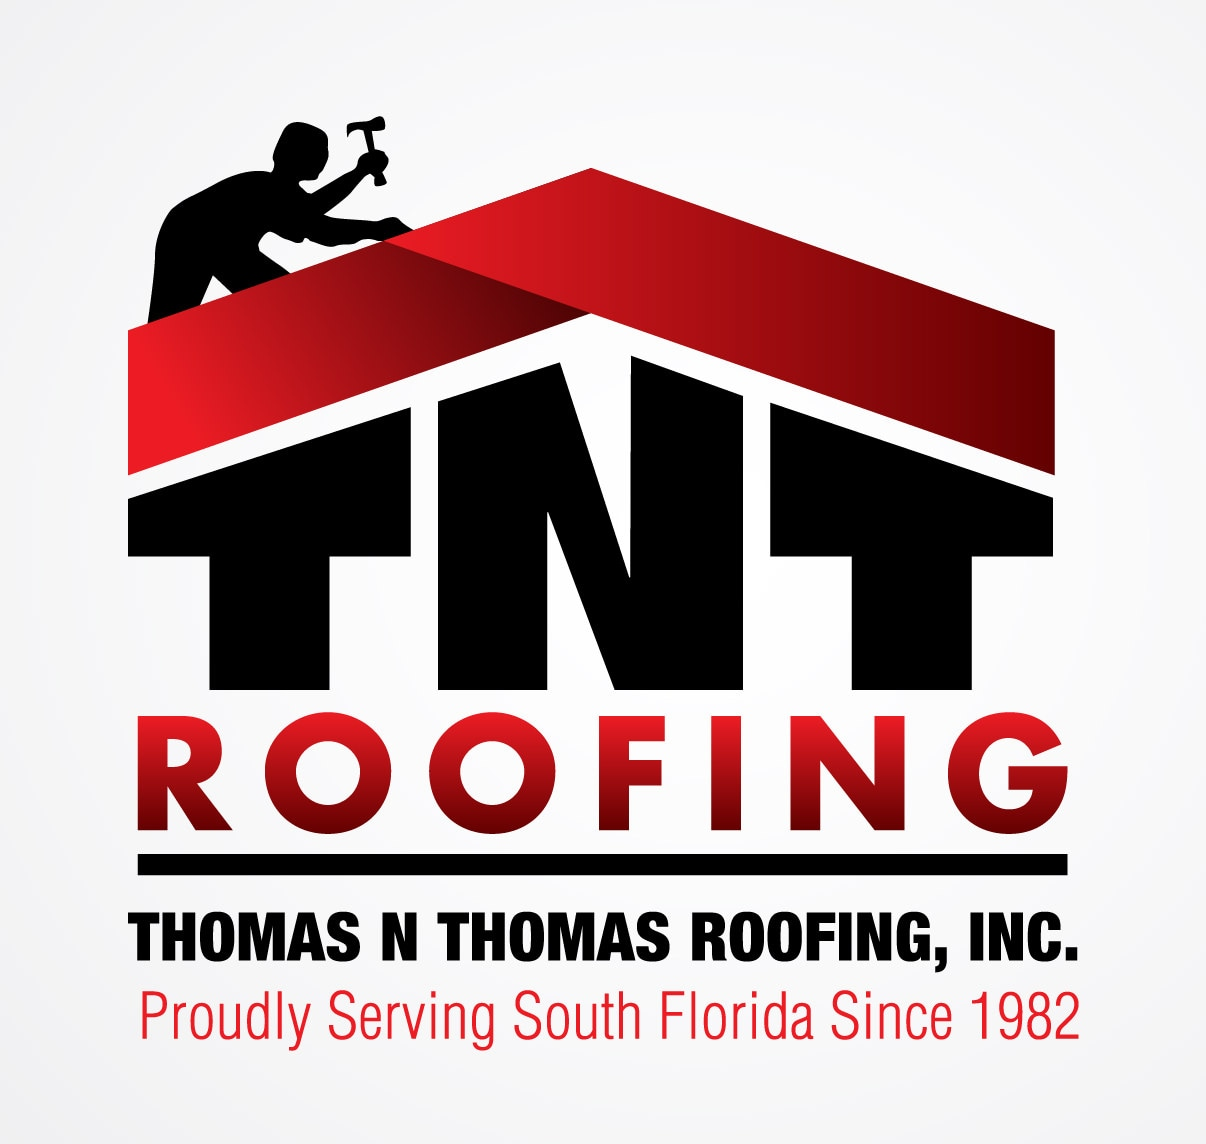 Thomas N Thomas Roofing Inc